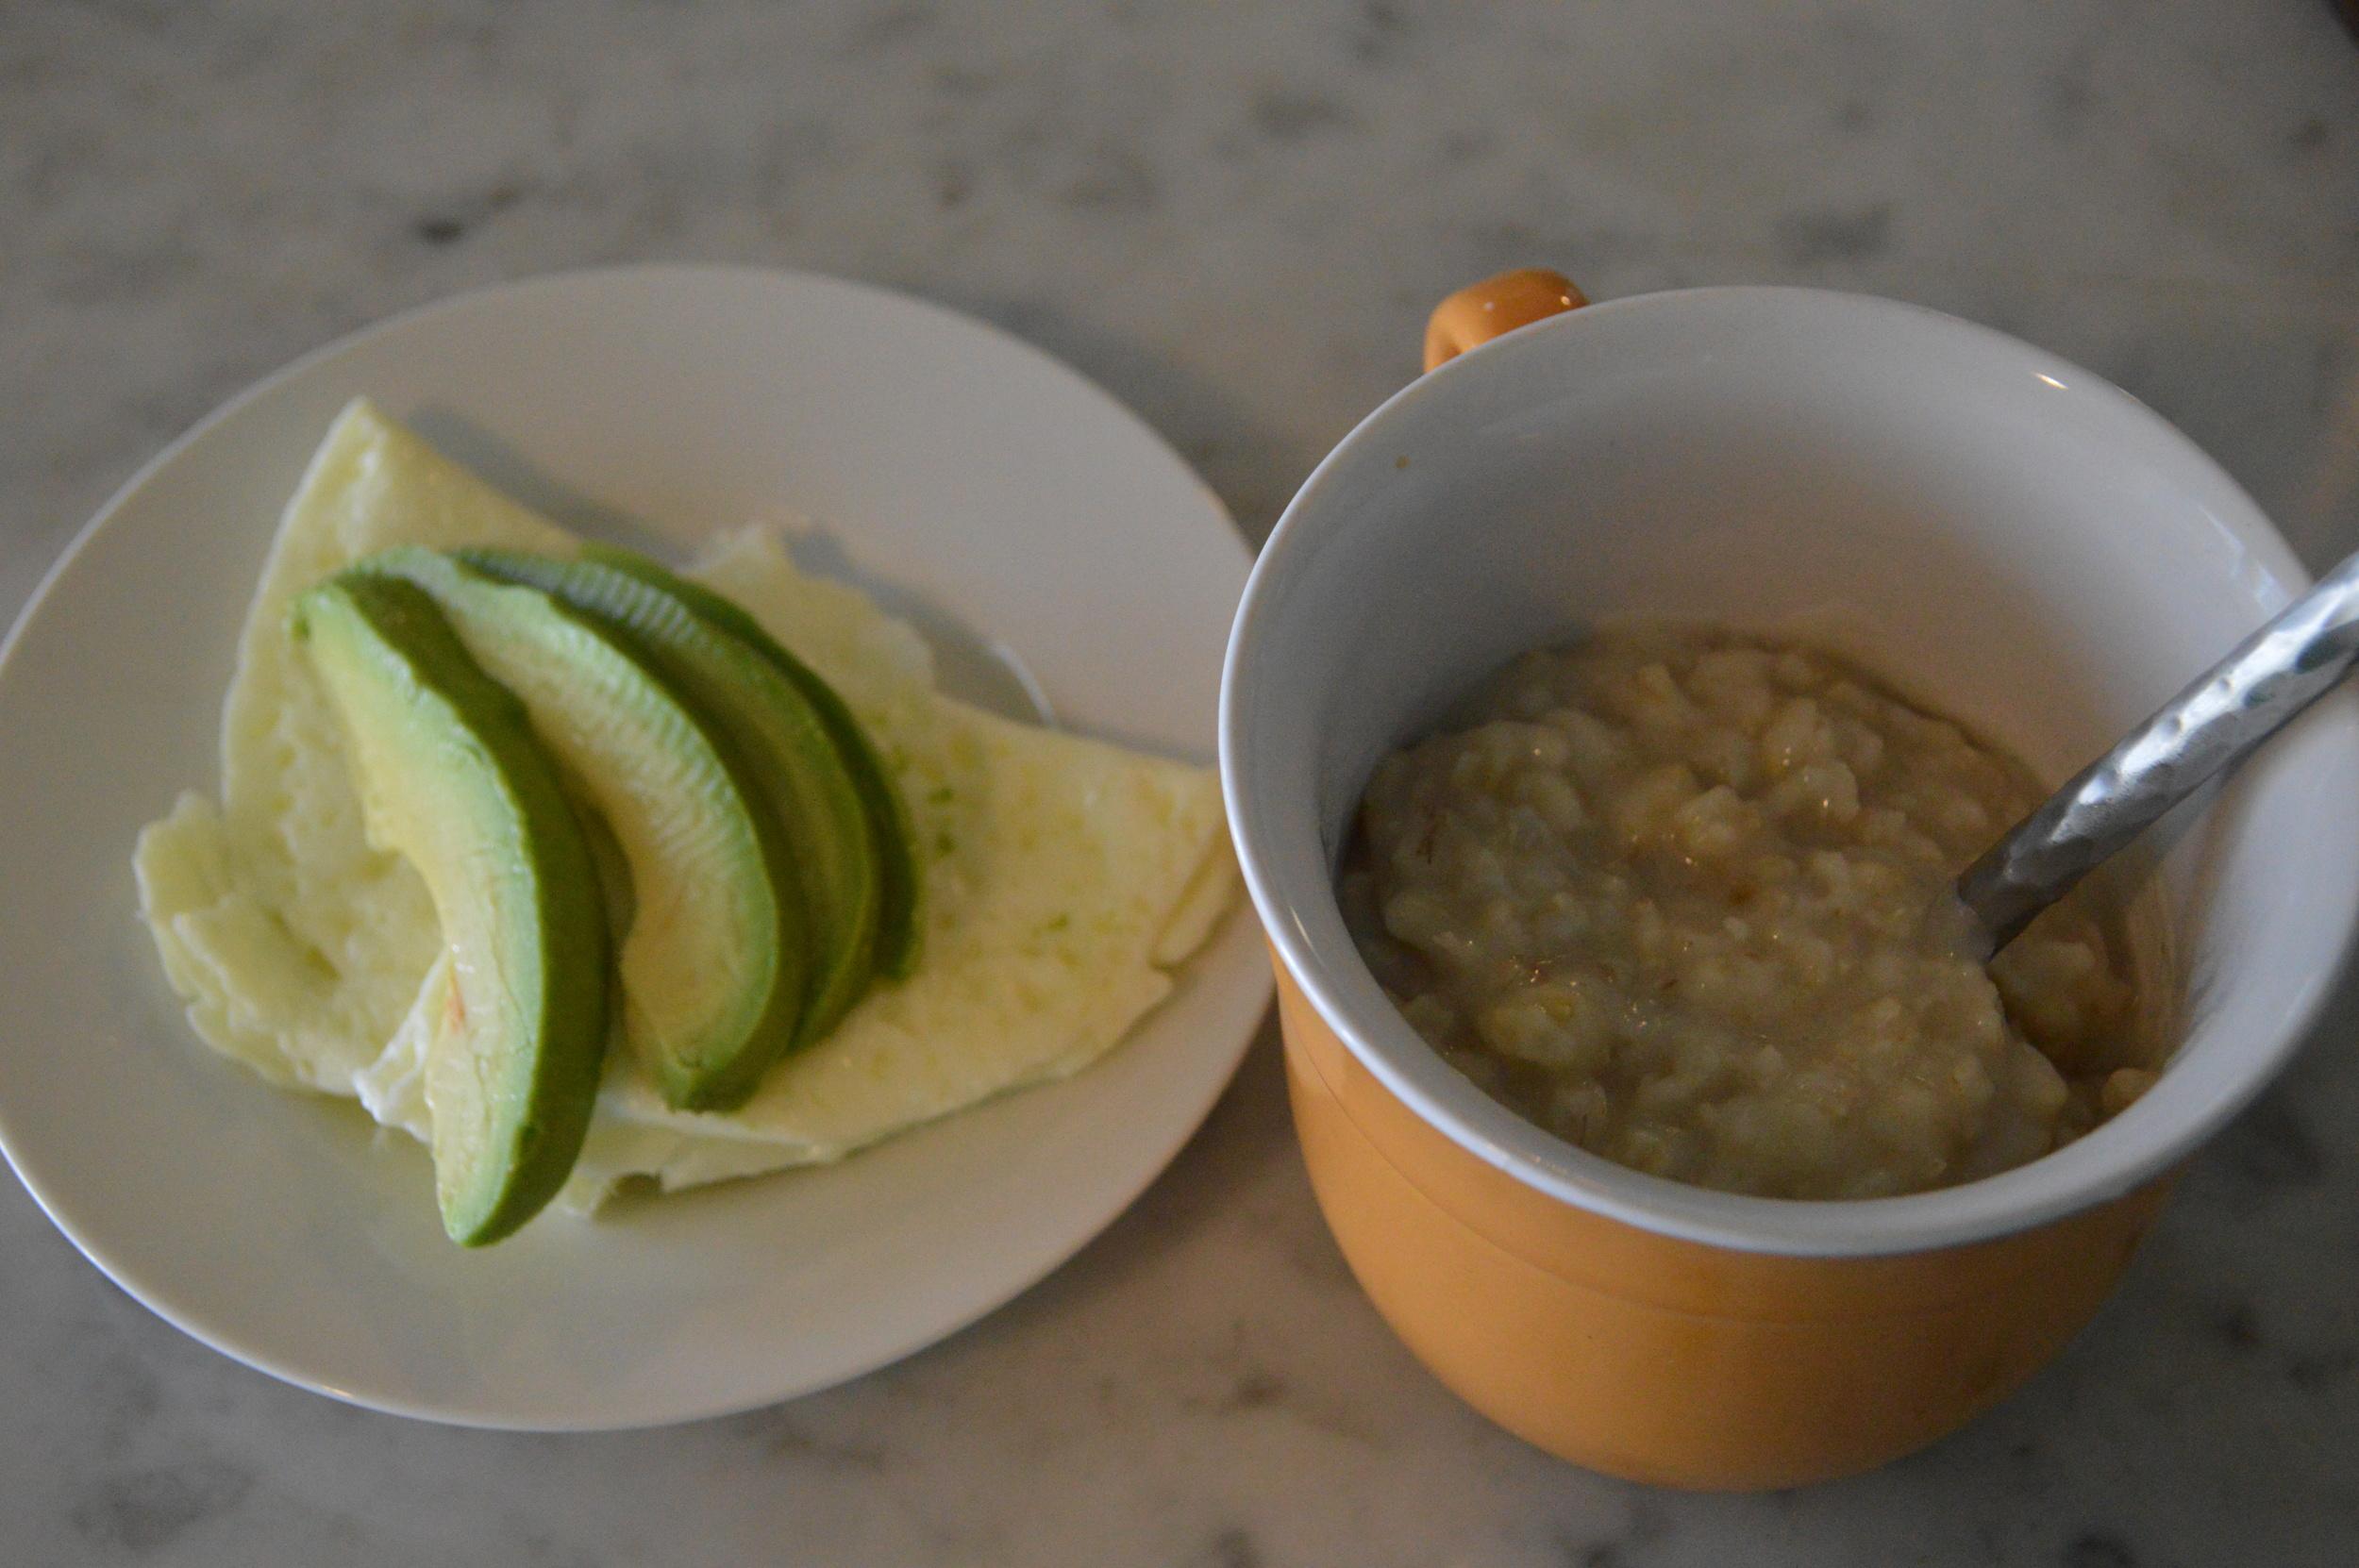 Egg Whites, Avocado & Plain Oatmeal